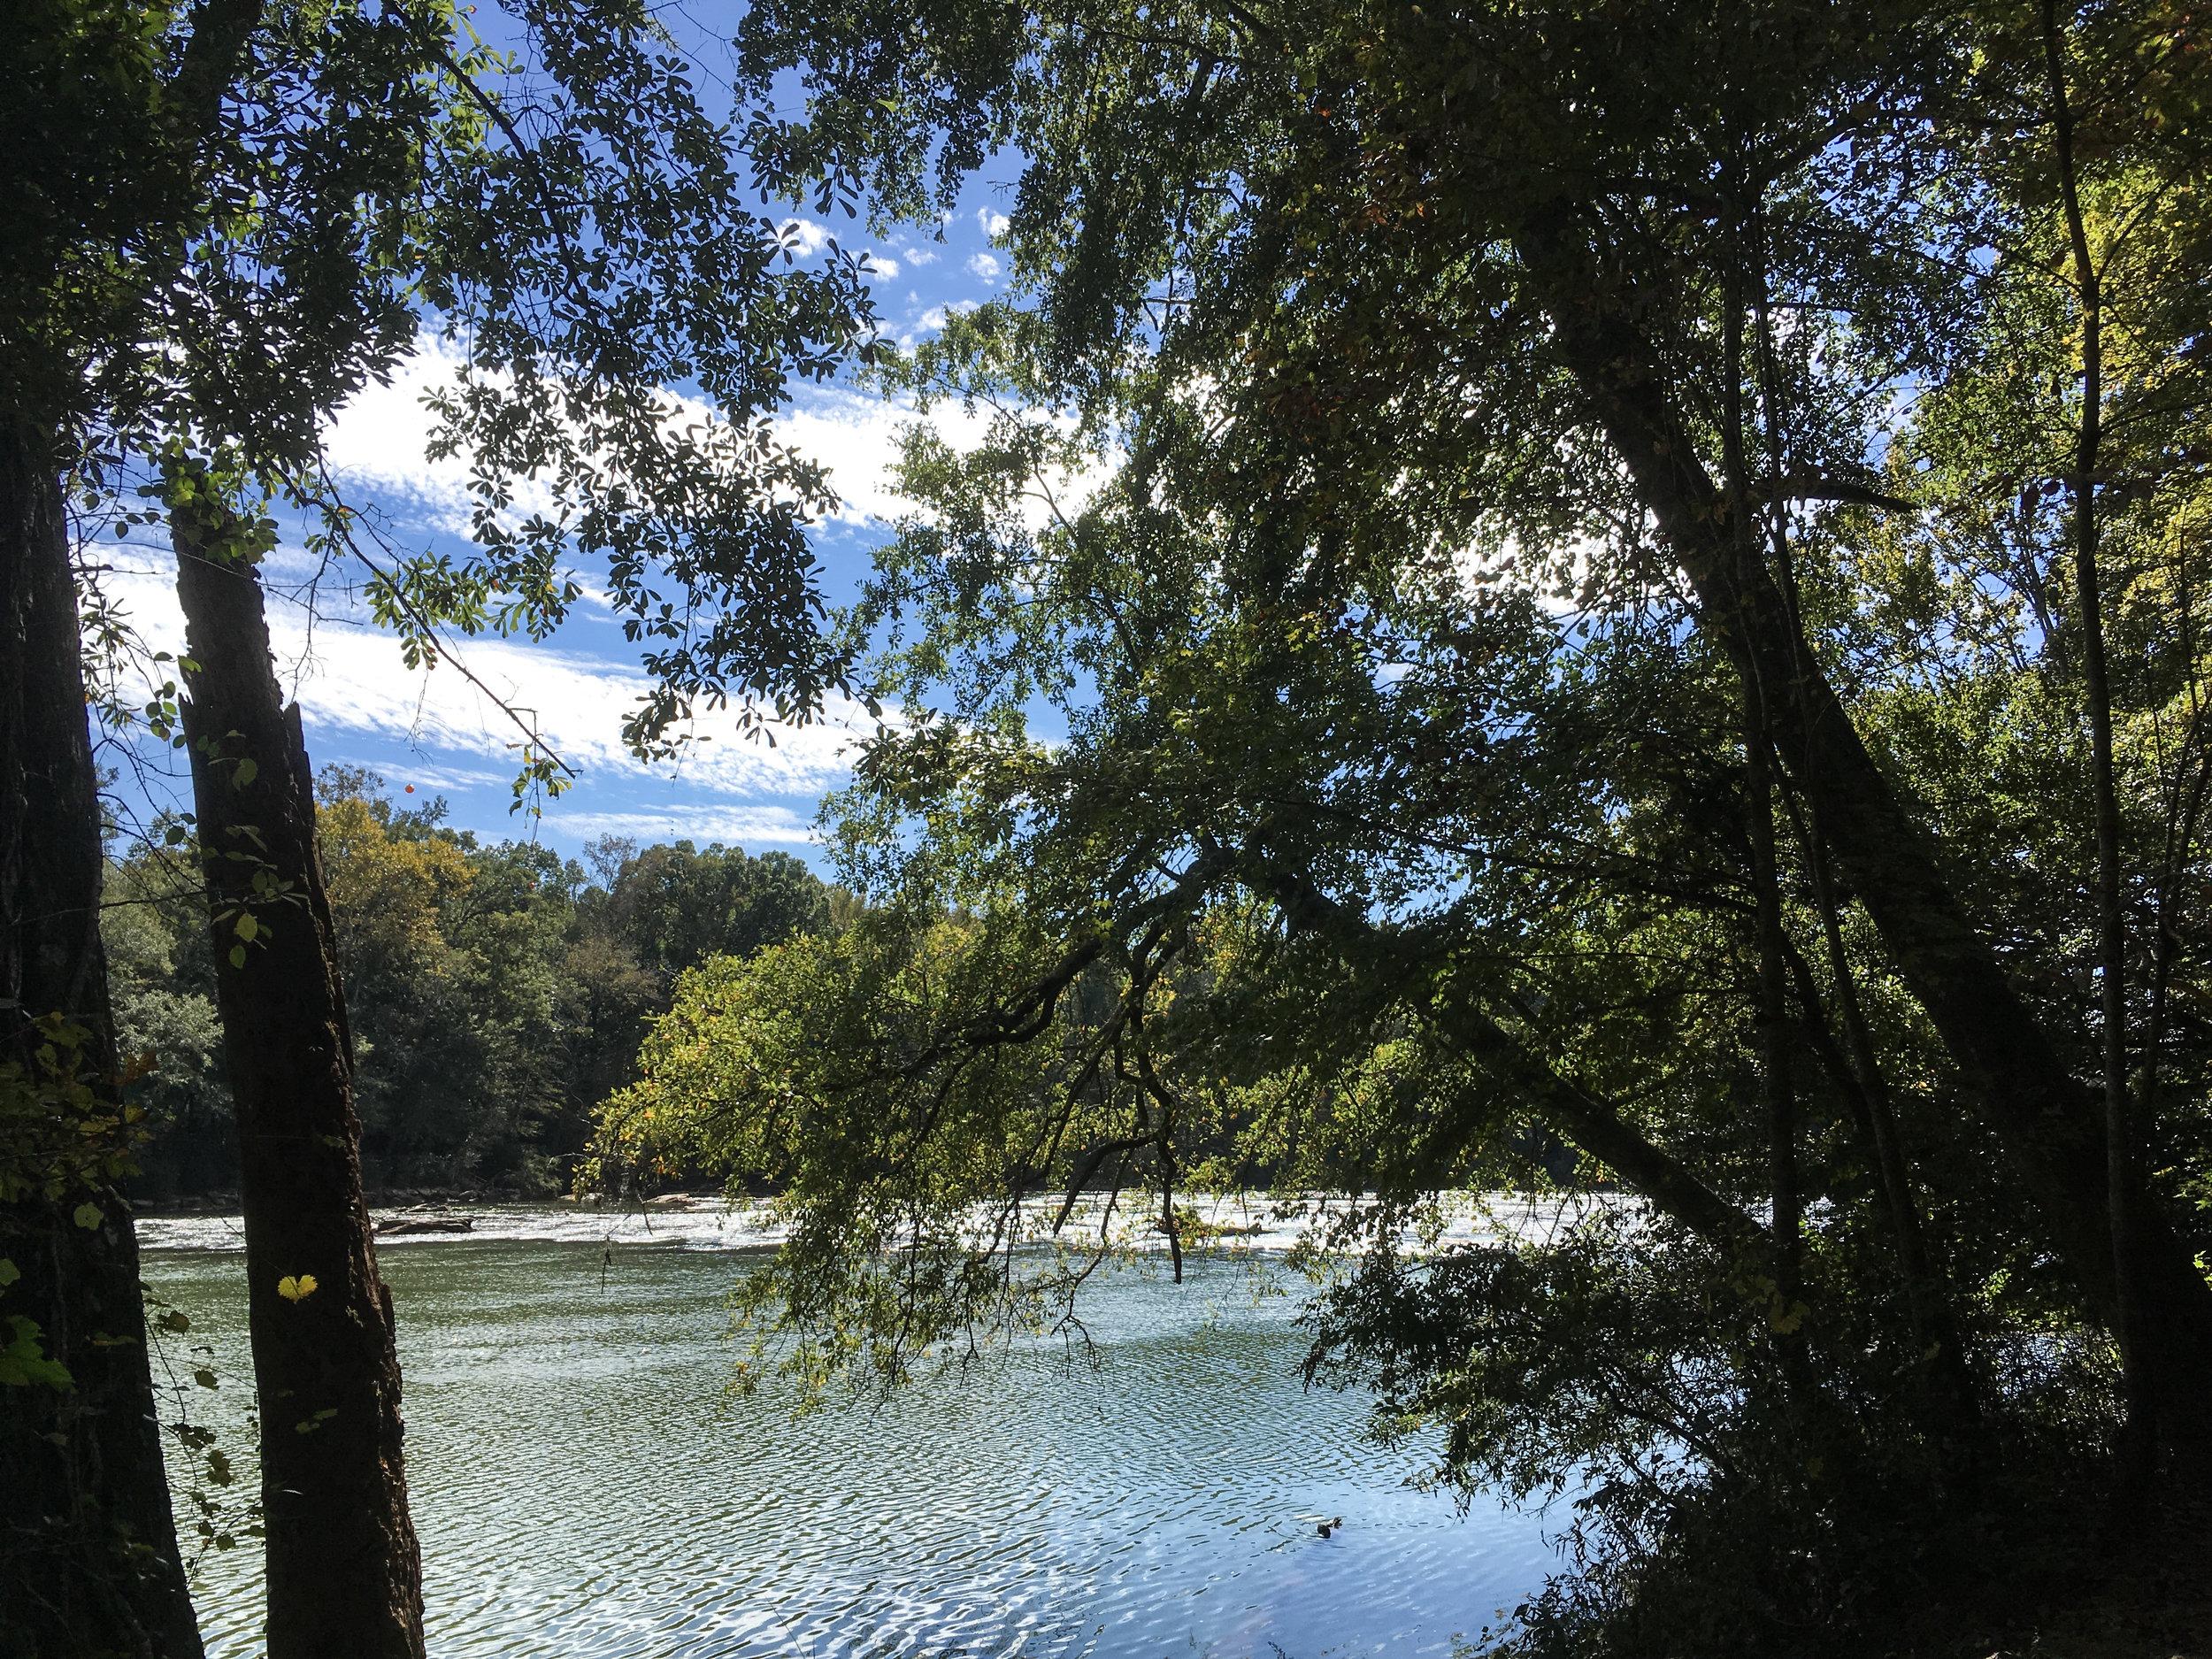 Chattahoochee River, October 18, 2018